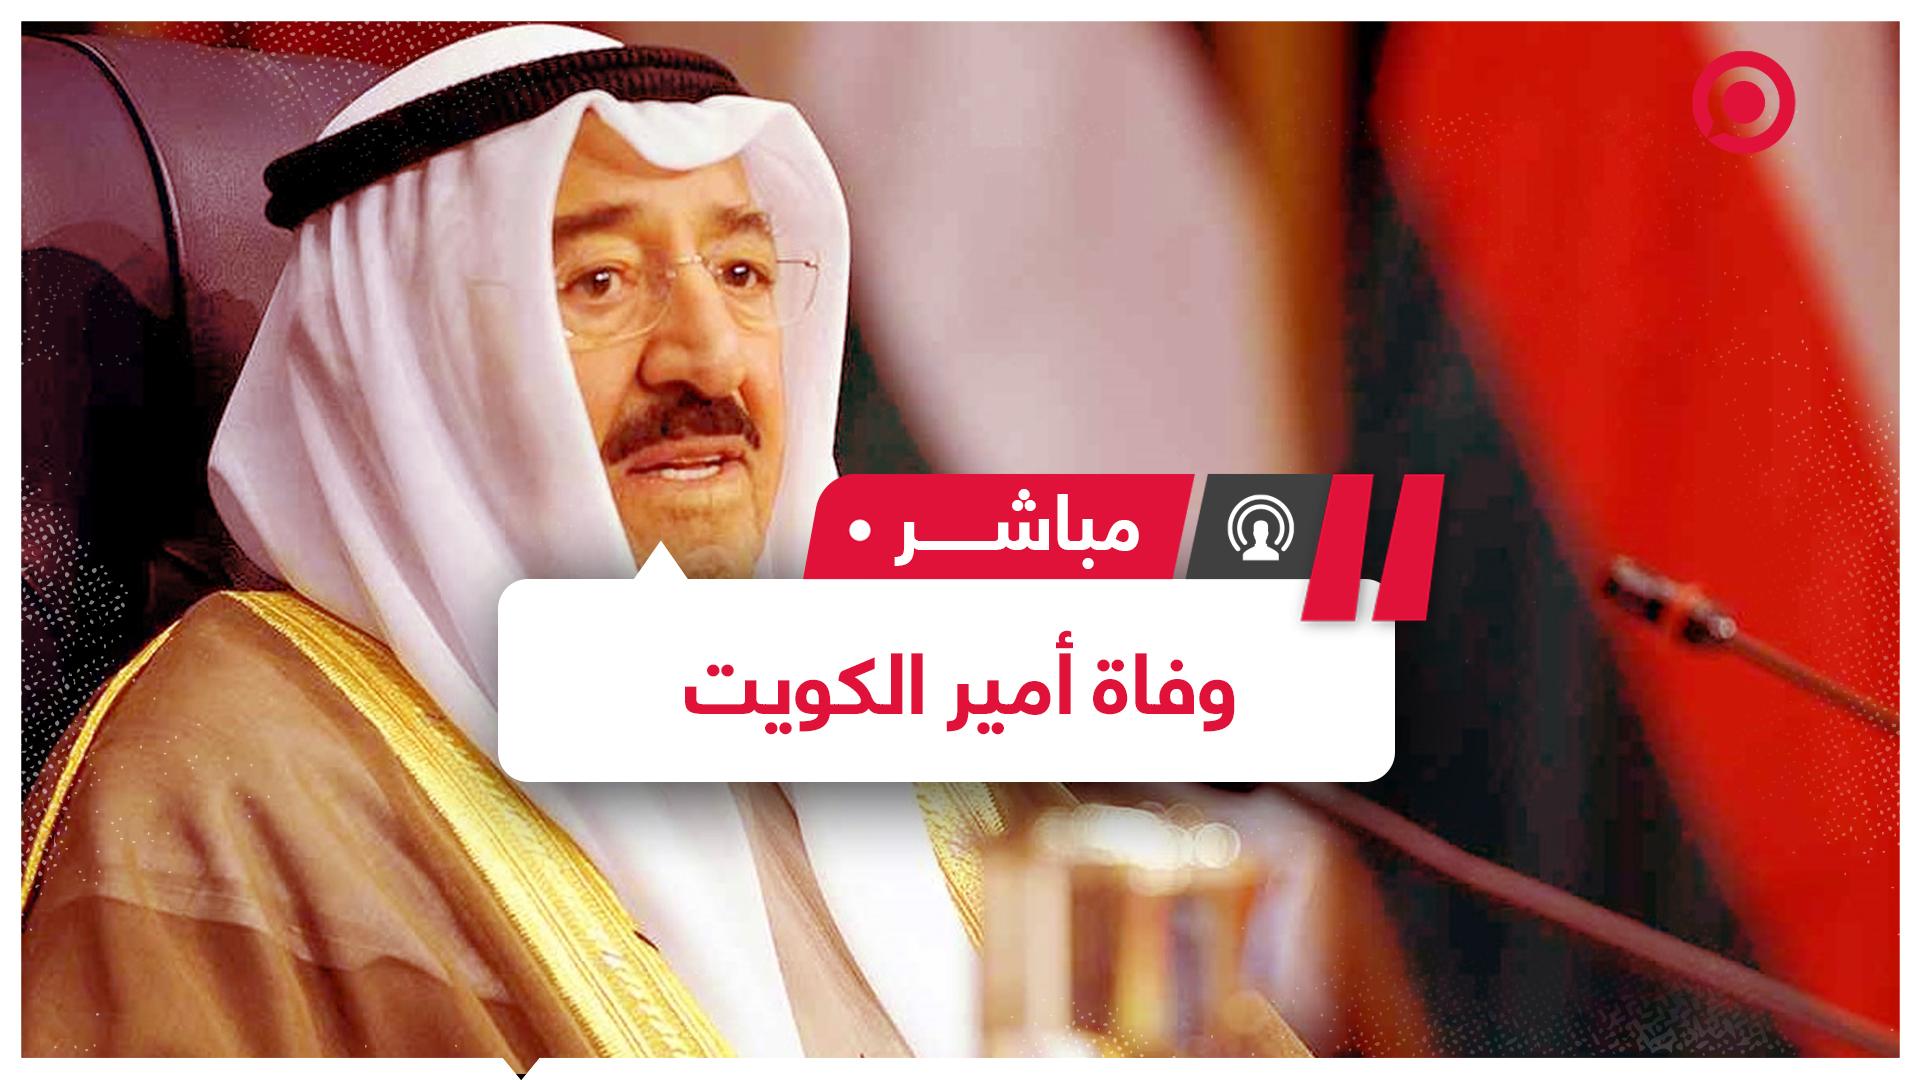 وفاة أمير الكويت صباح الأحمد الجابر الصباح وولي عهده يؤدي غدا اليمين الدستورية خلفا له